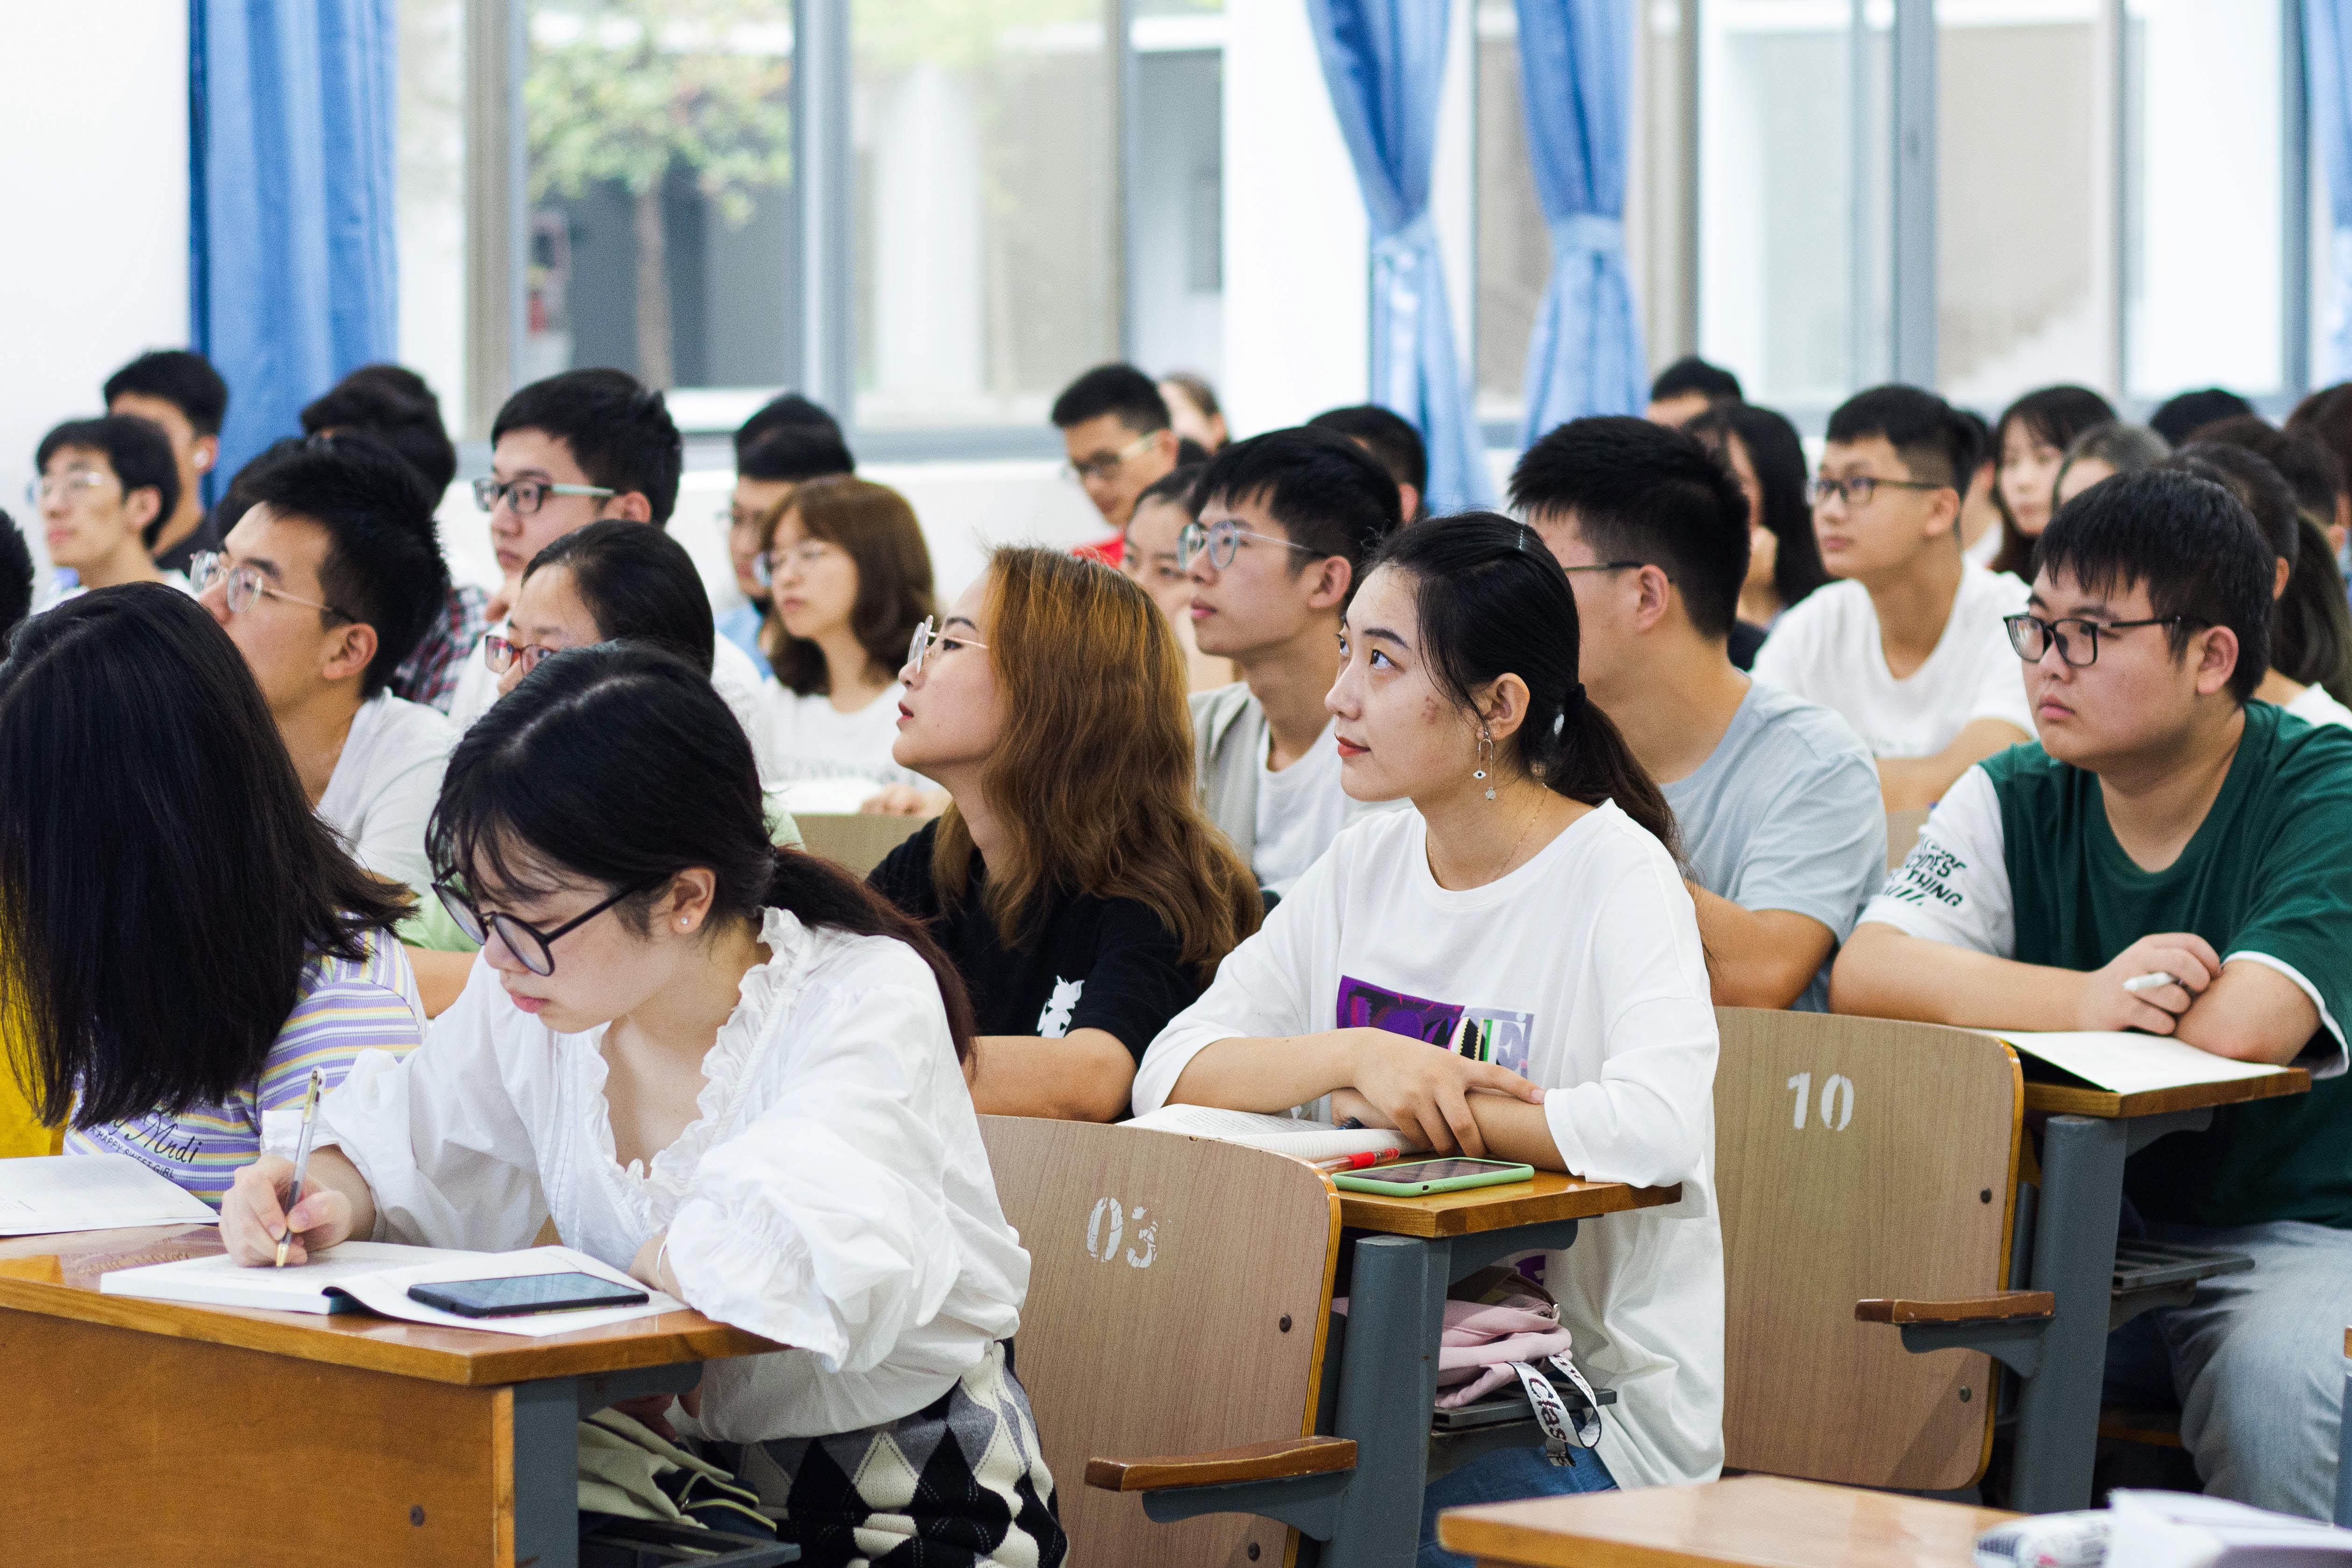 同学们正在聚精会神地听老师讲授开学第一课(彭雨格 摄)